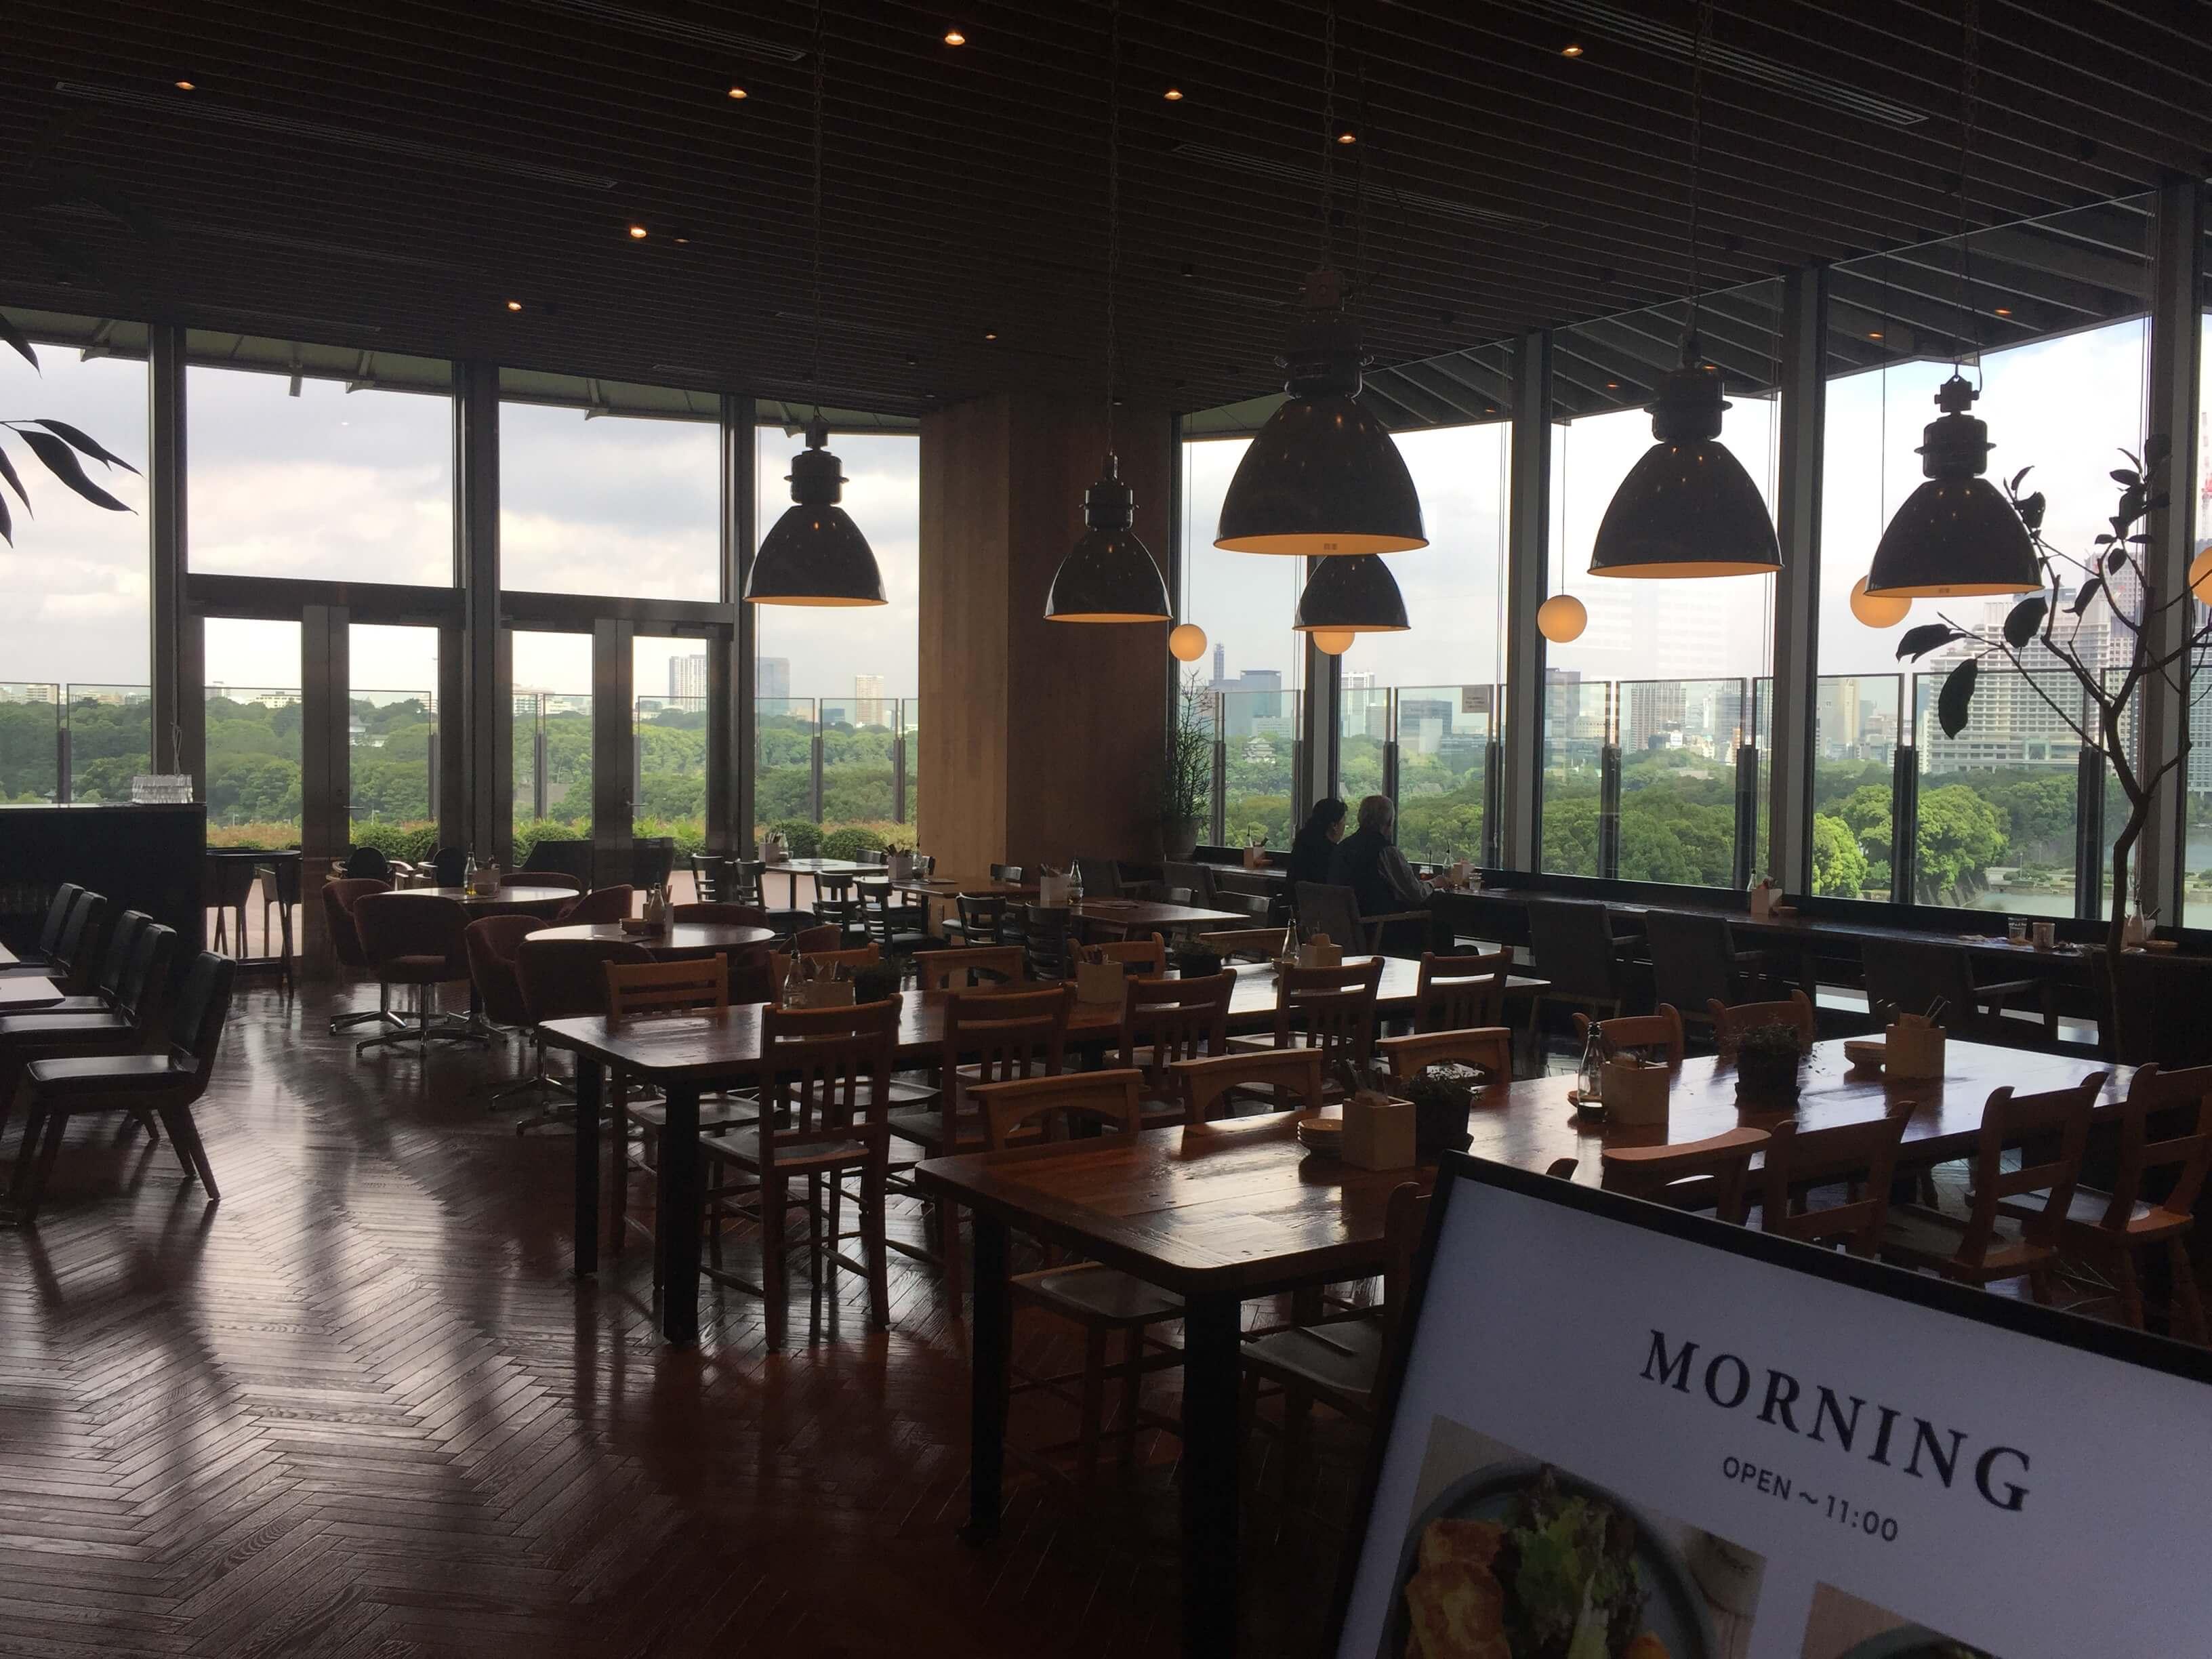 銀座、日比谷、有楽町周辺おすすめモーニングカフェ